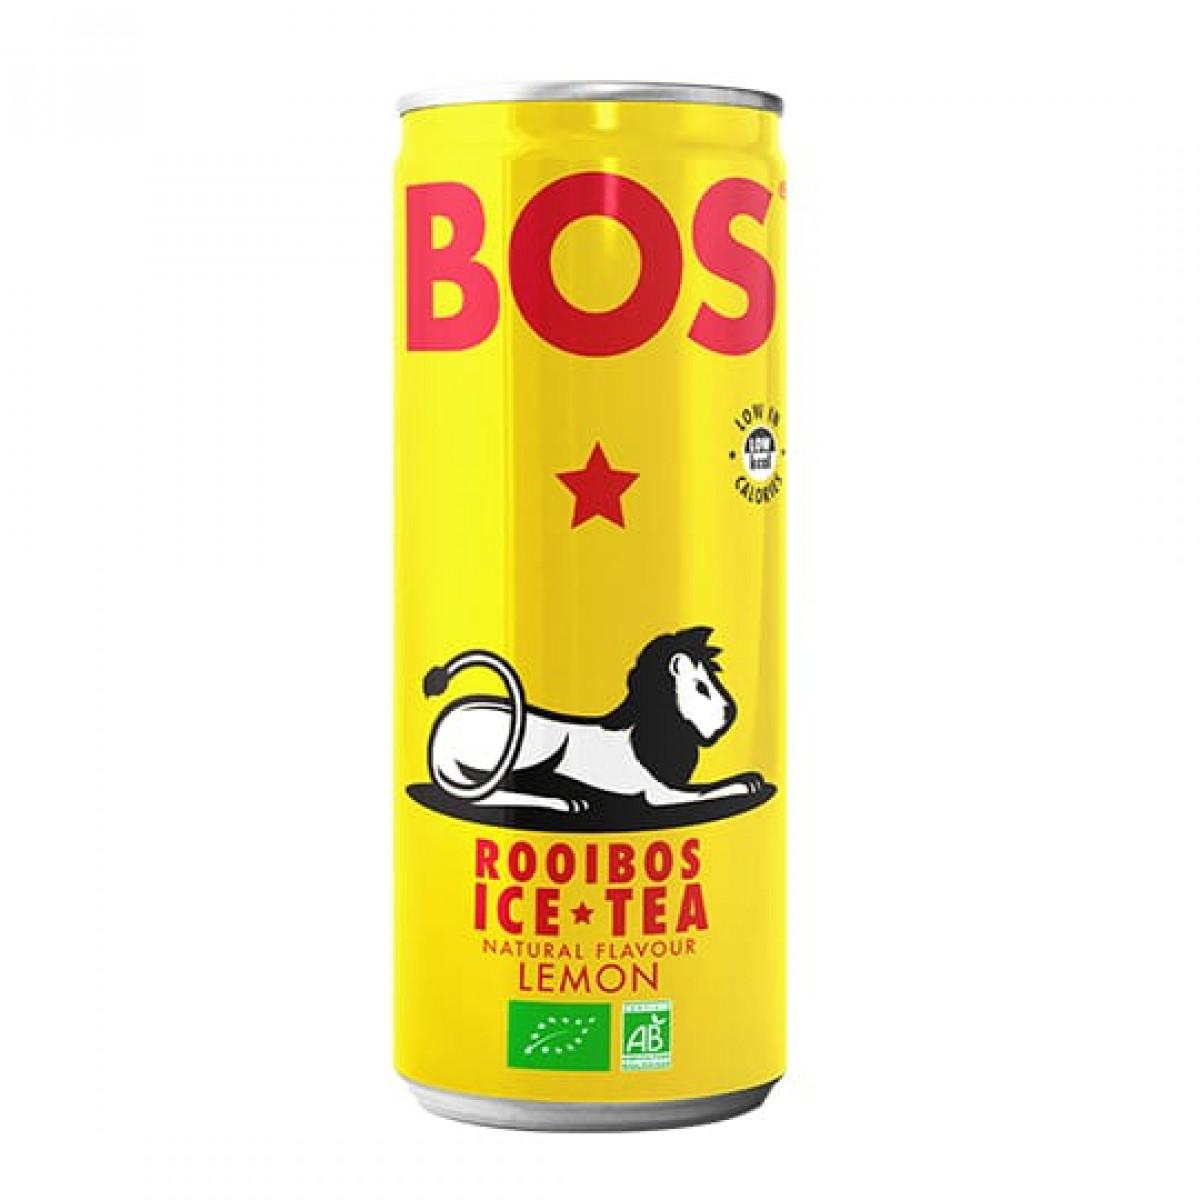 Rooibos Ice Tea Lemon